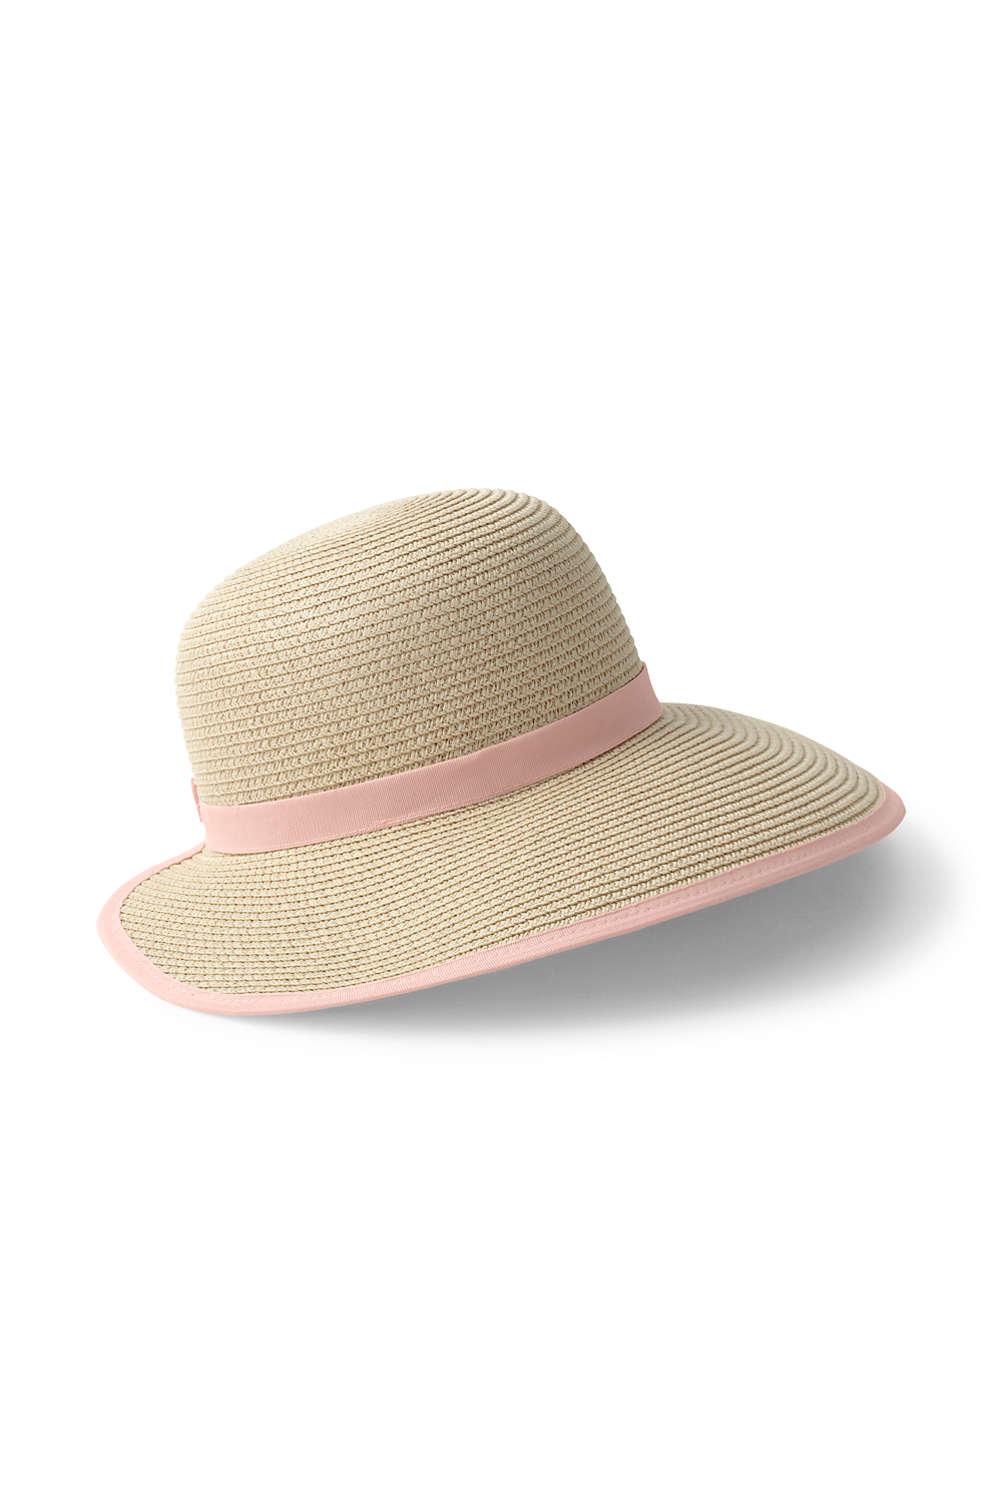 a8ff57875 Women's Facesaver Sun Hat